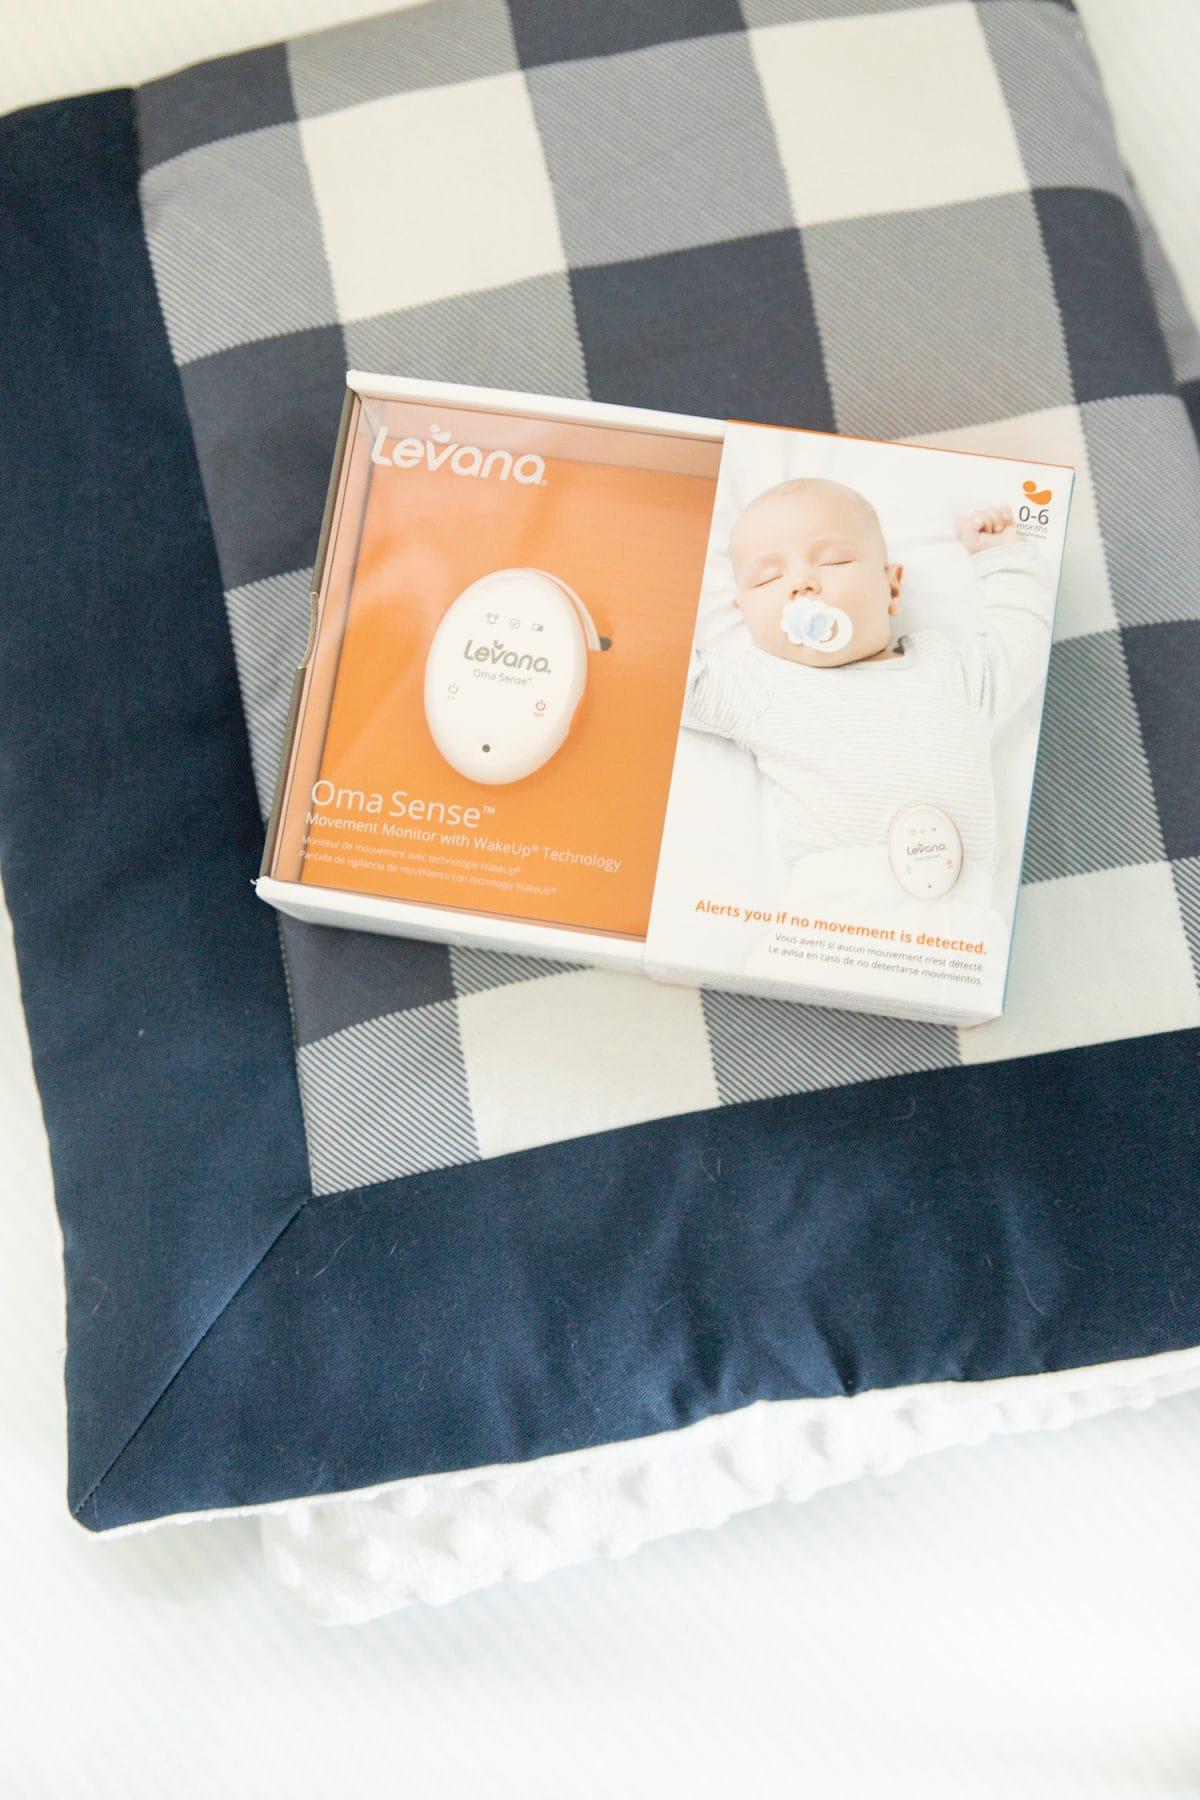 Houston mommy blogger Meg O. shares new and genius baby gear items - Levana Oma Sense Monitor